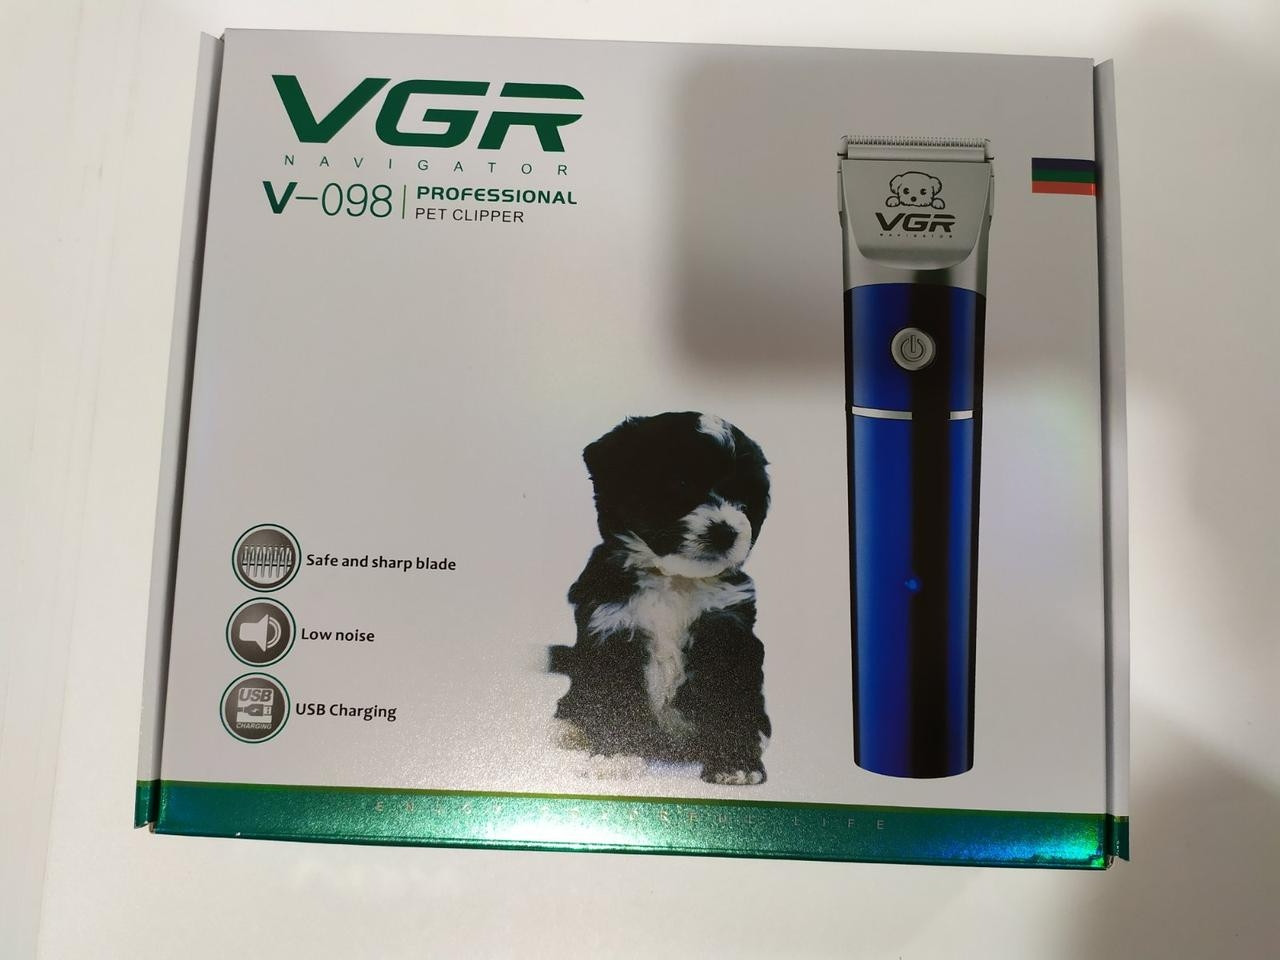 Аккумуляторная беспроводная машинка для стрижки животных VGR V-098